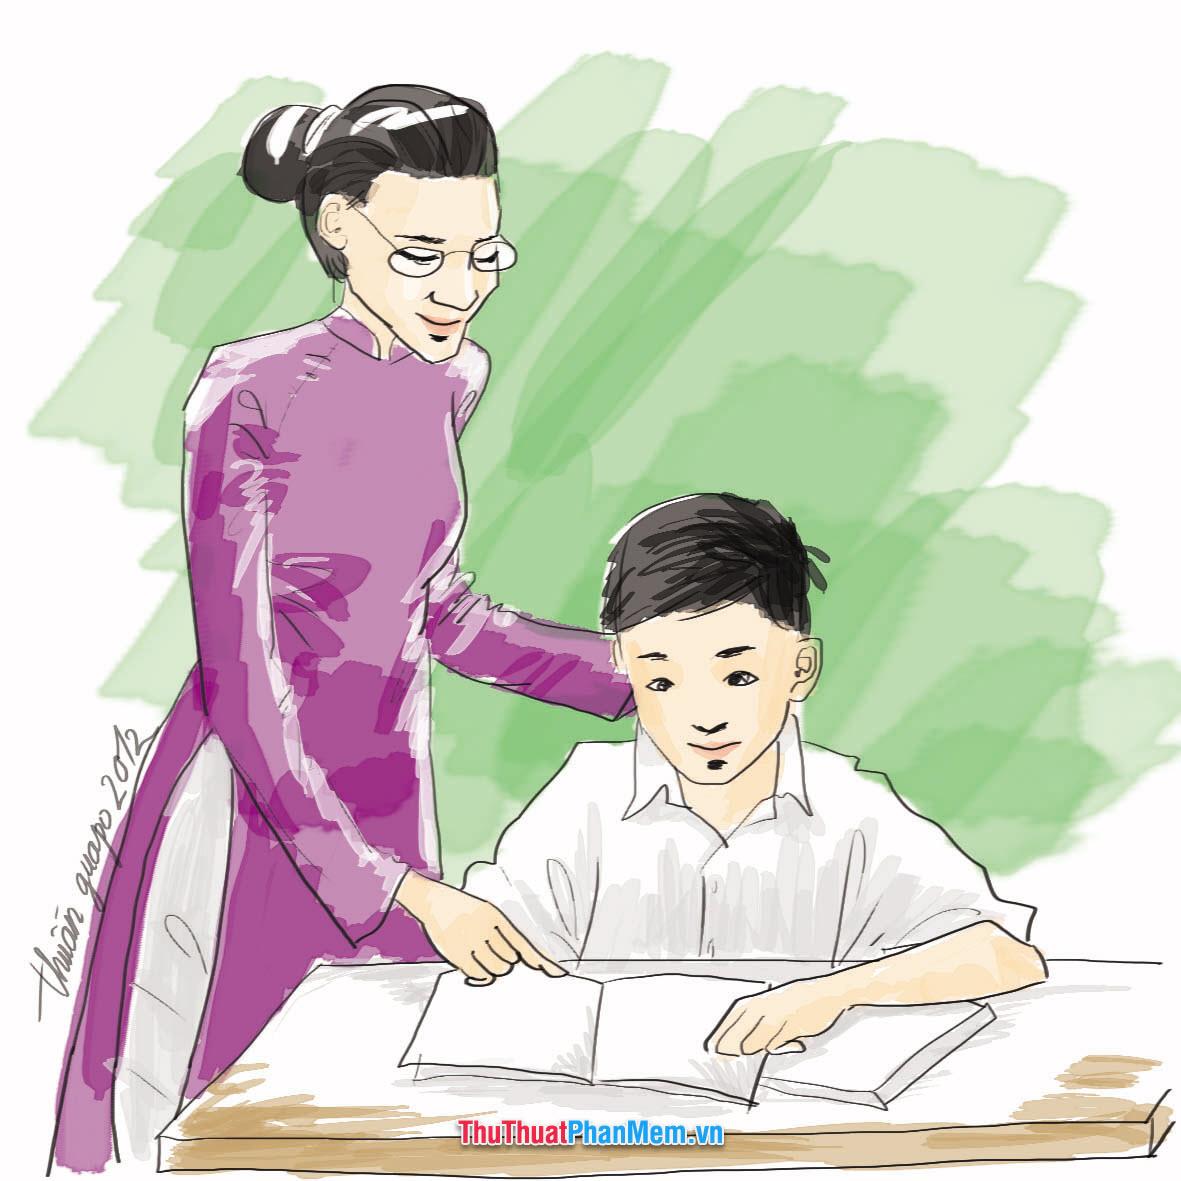 Con kính chúc thầy cô giáo lời chúc tốt đẹp nhất, chúc các thầy cô luôn tràn đầy nhiệt huyết với sự nghiệp cao cả của mình